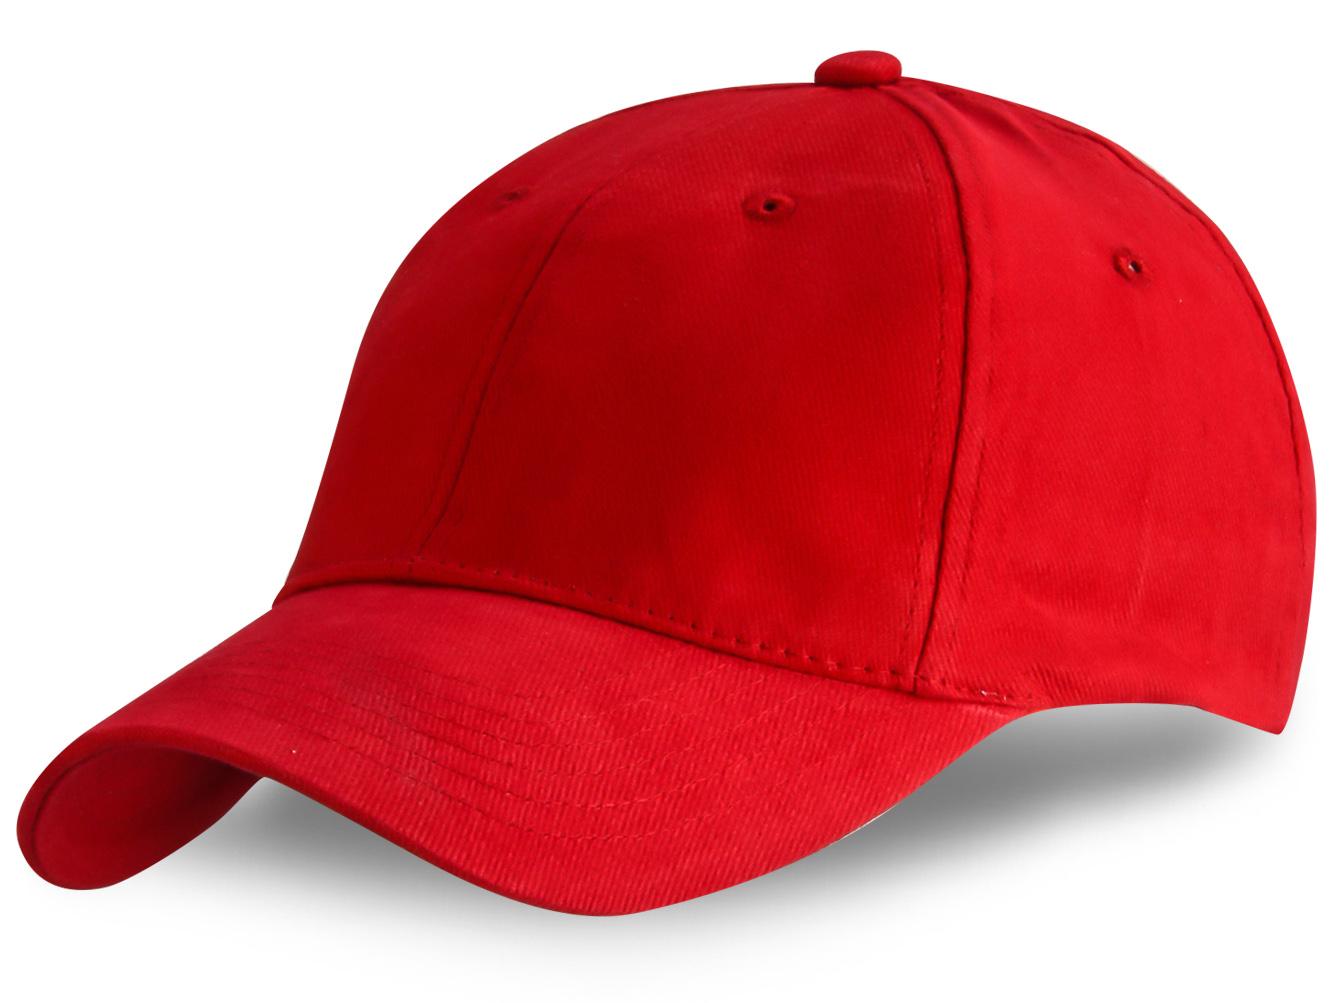 Красная бейсболка - с доставкой